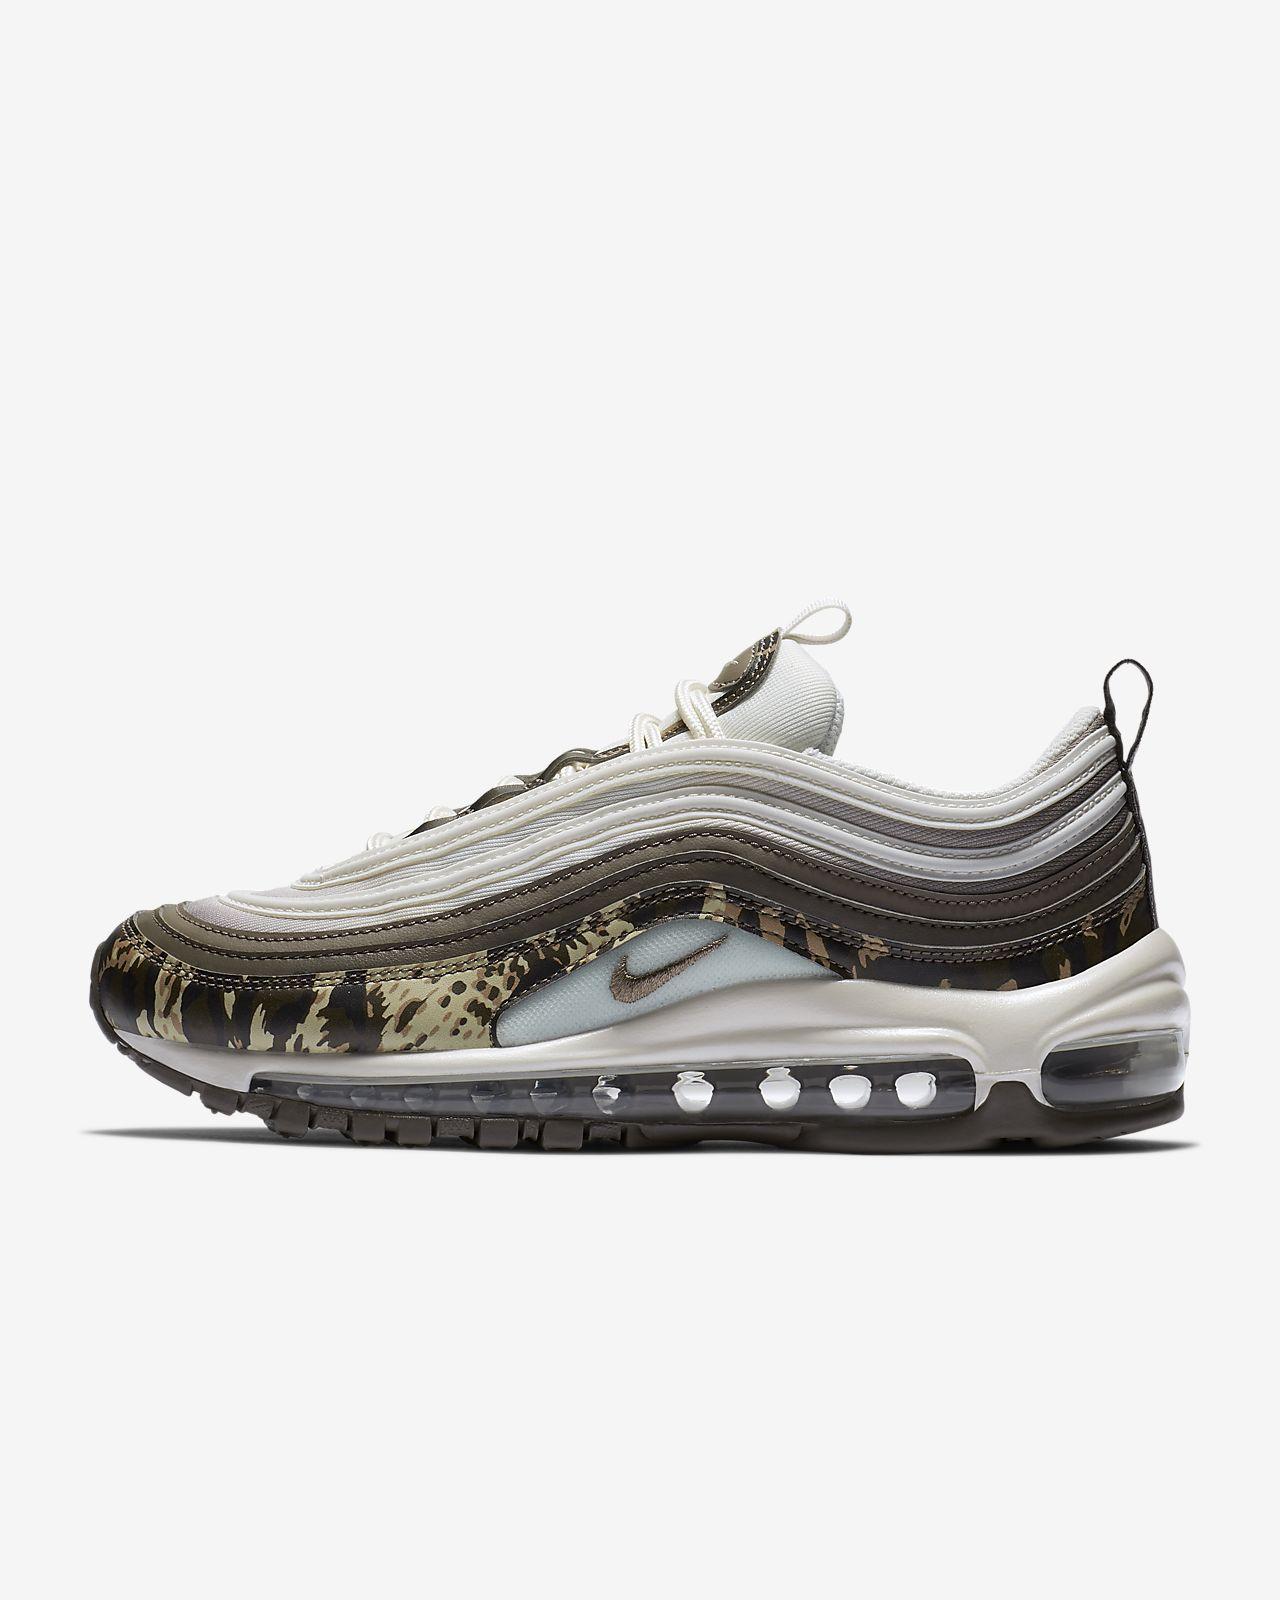 41a7b0199a ... shopping nike air max 97 premium womens shoe 926f4 2d99c